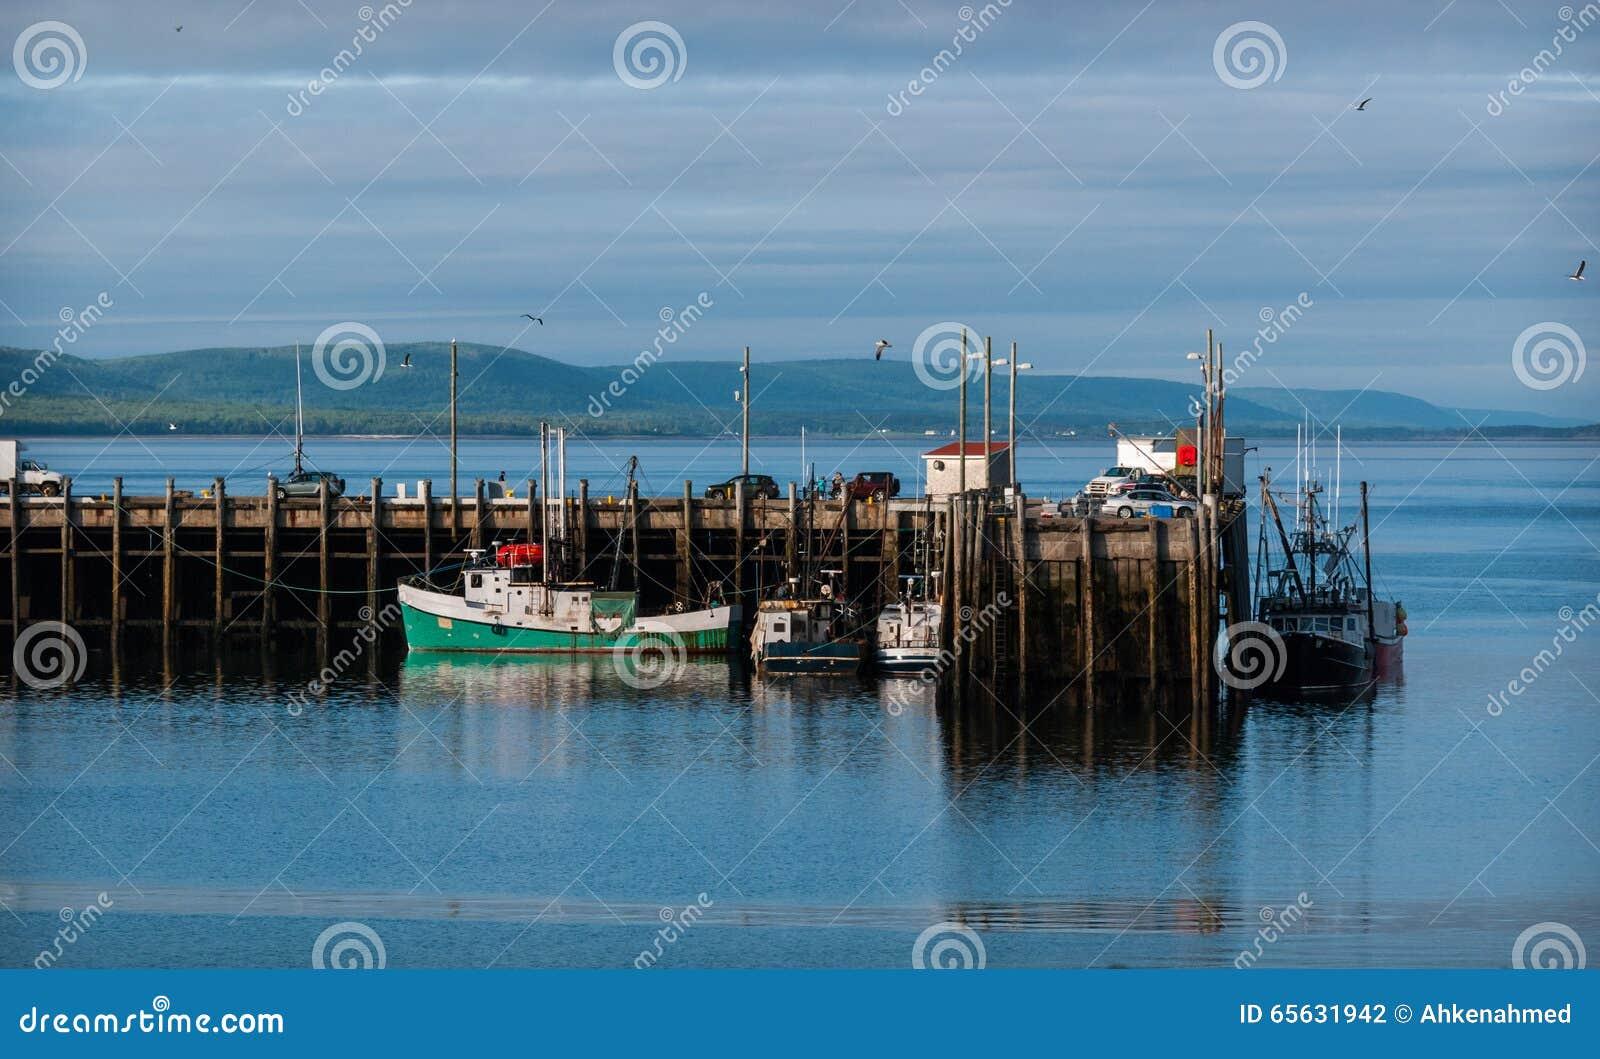 Bateaux de pêche dans le port à marée basse dans Digby, Nova Scotia